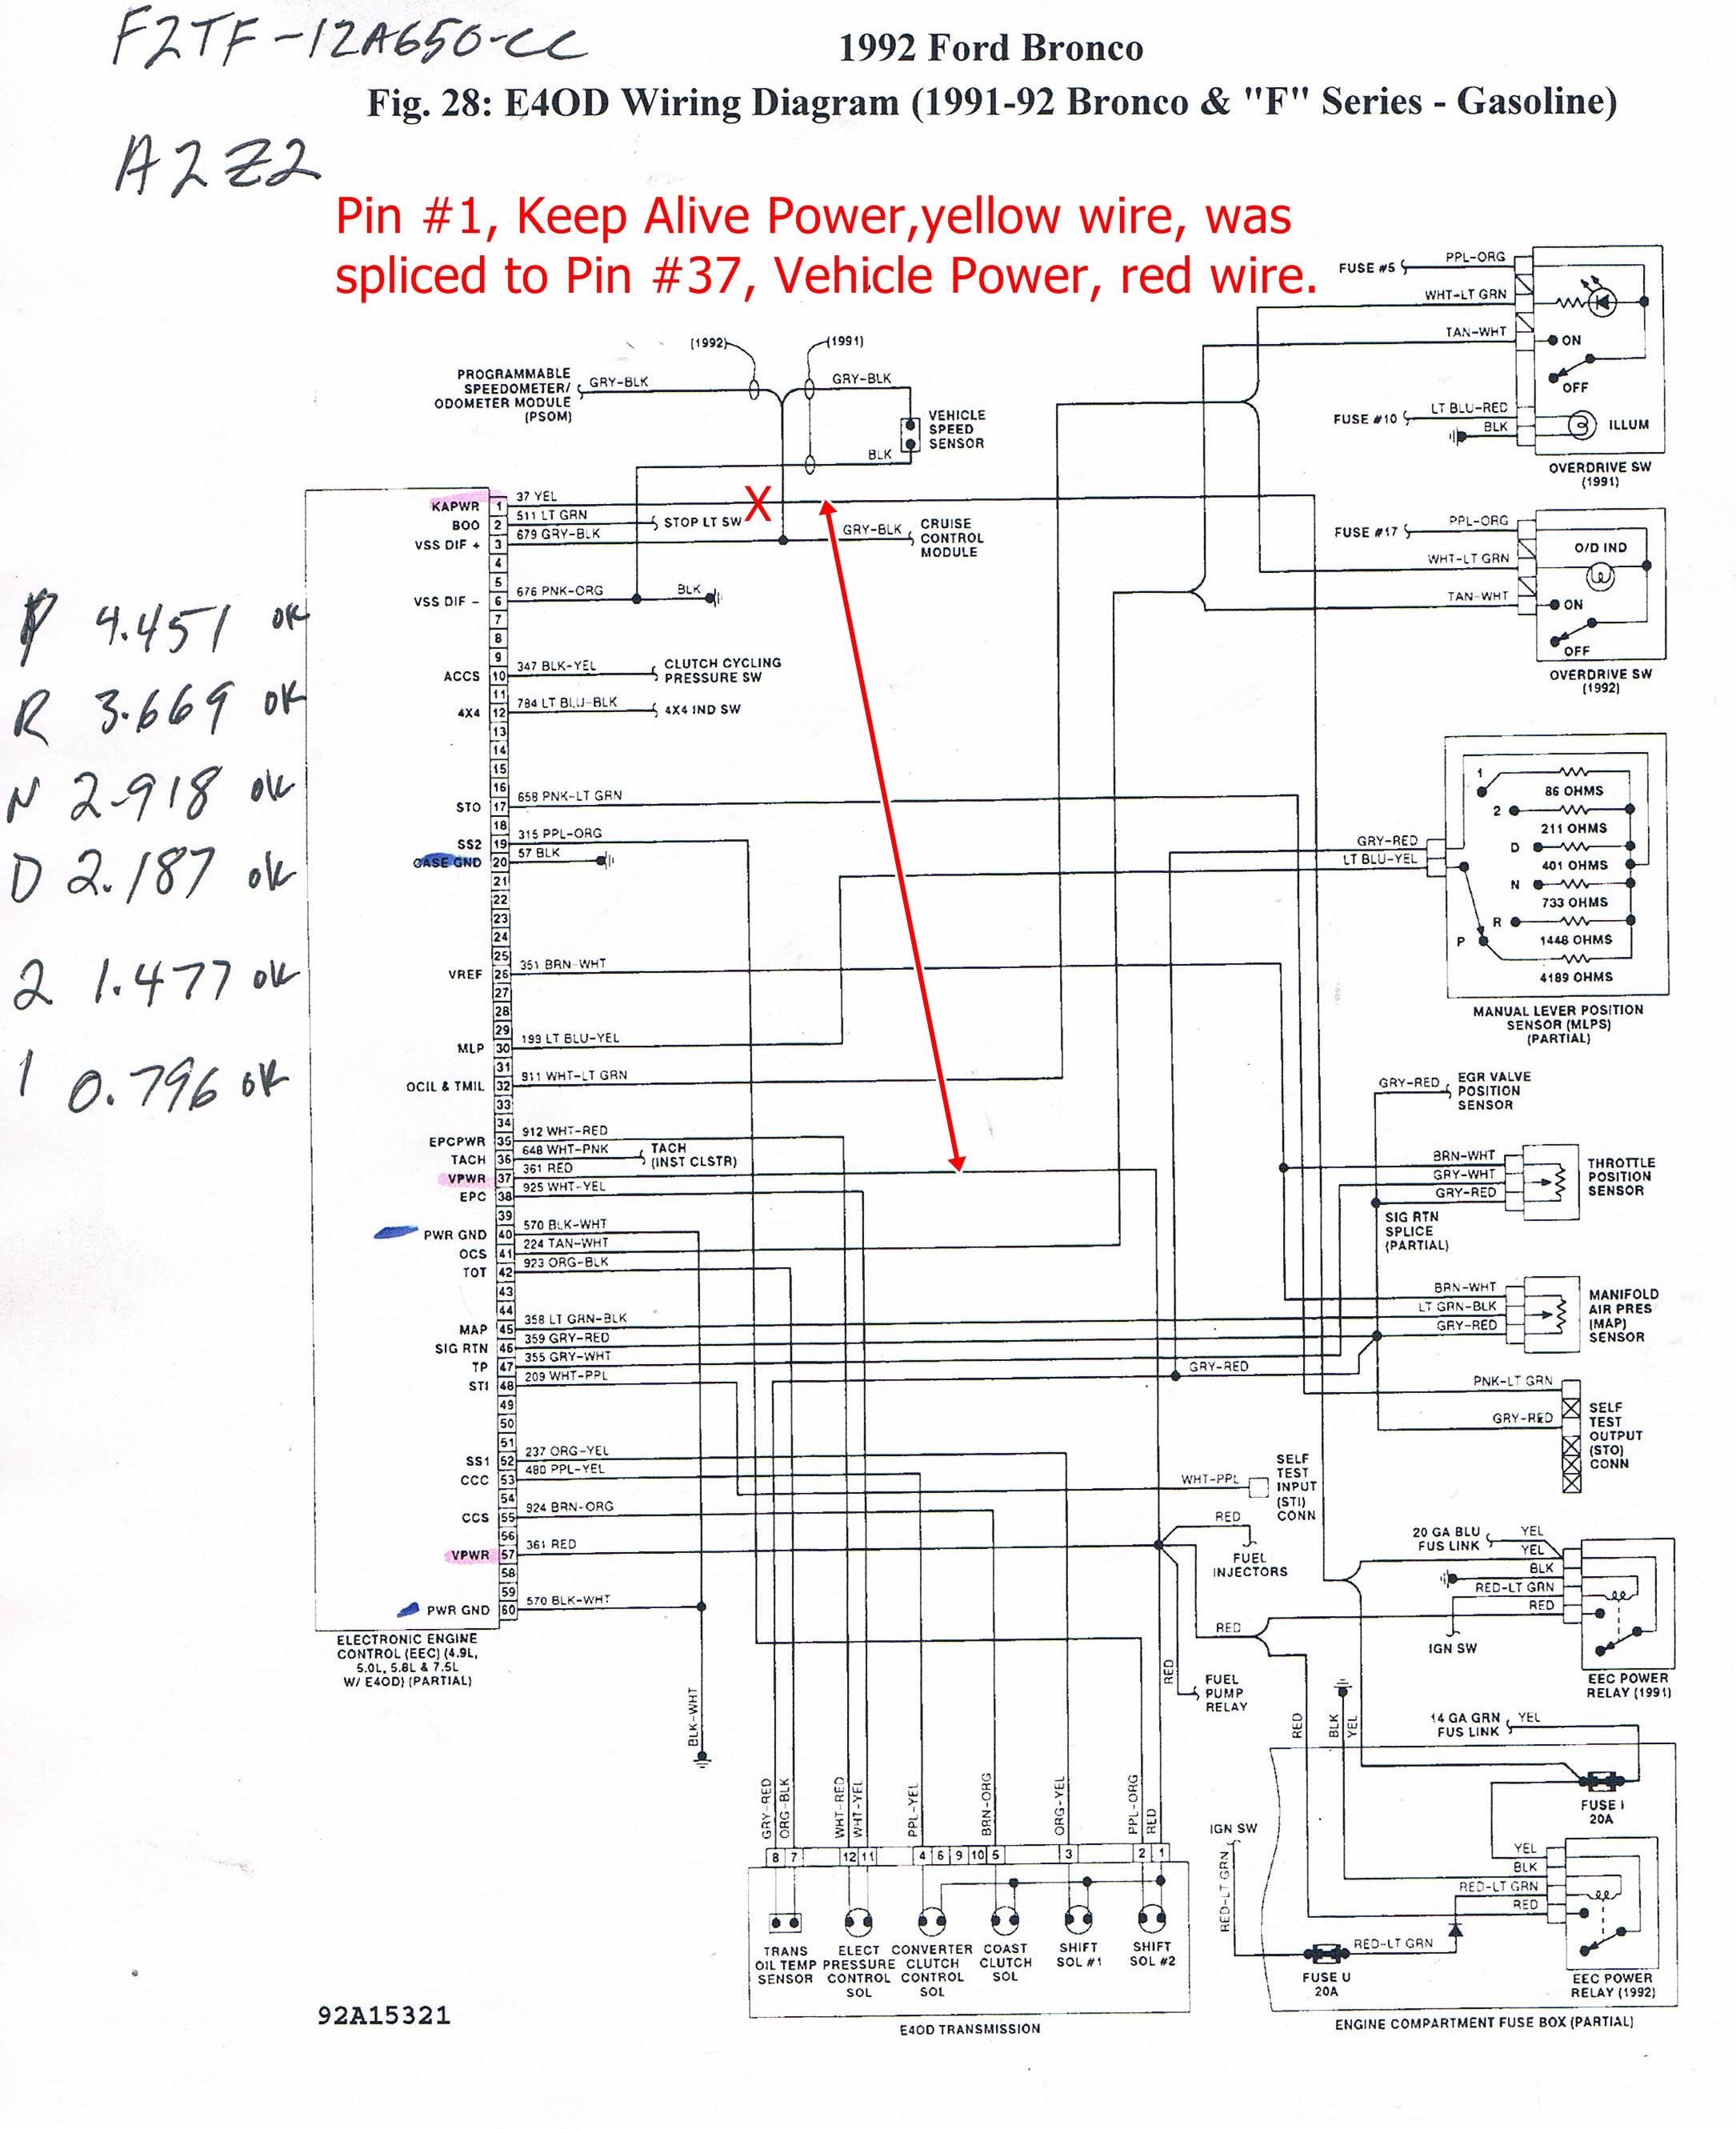 Honda Turn Signal Wiring Diagram - Free Download Wiring Diagram